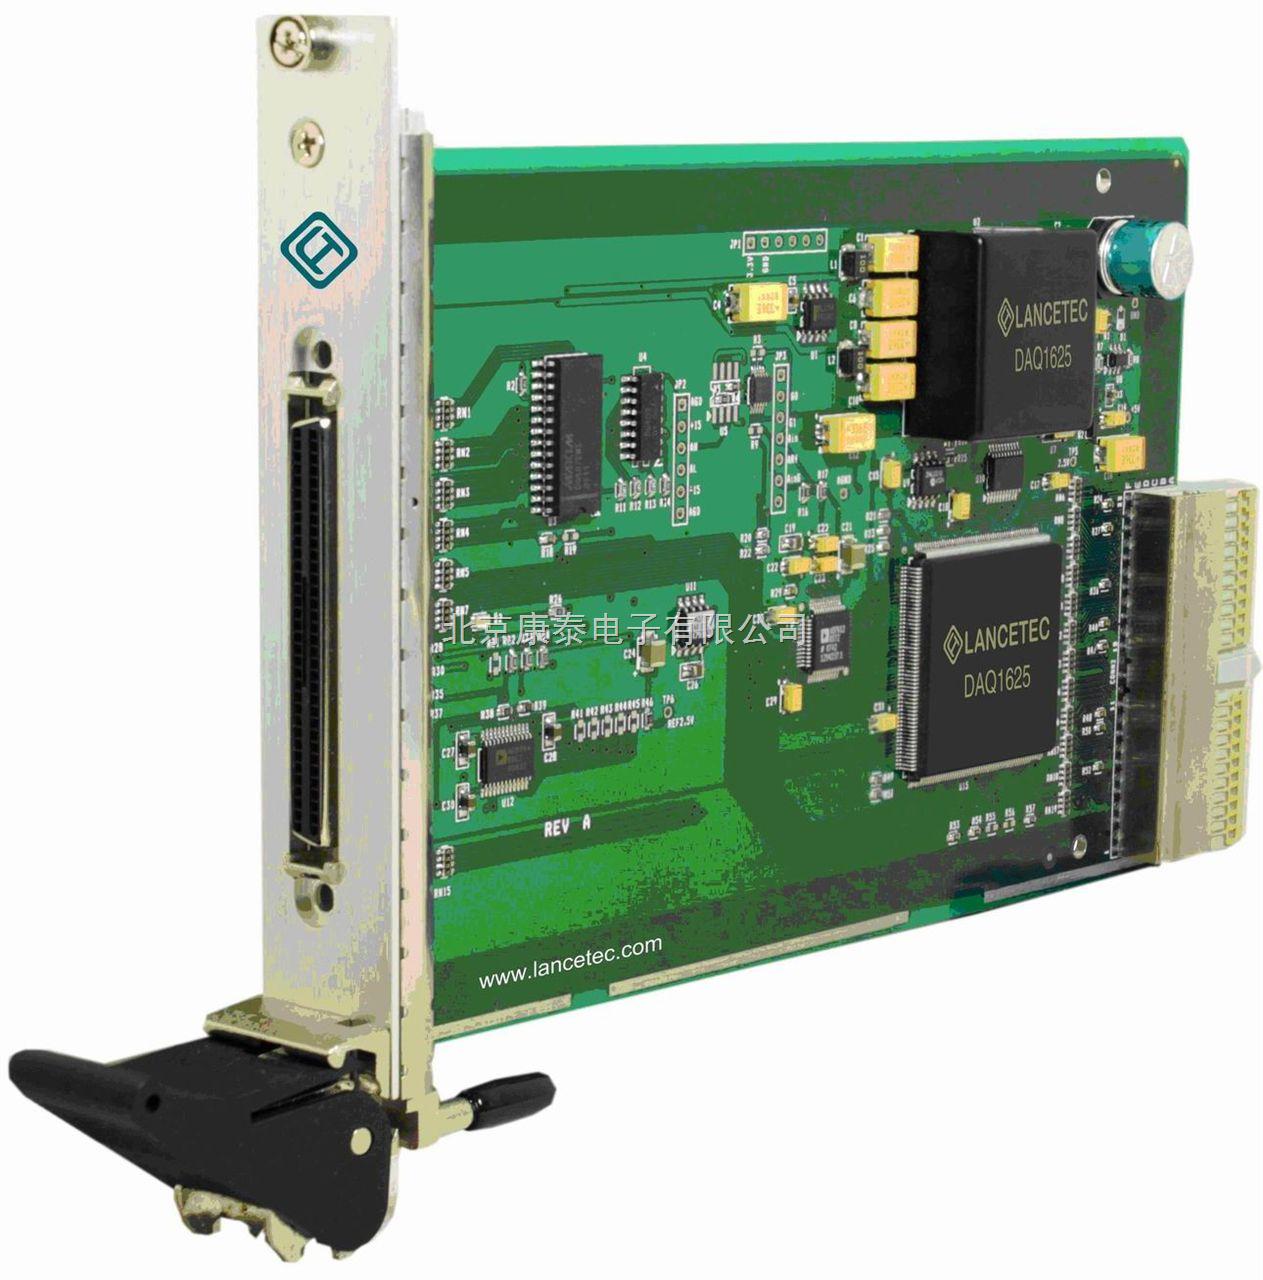 特点 3U CPCI, 兼容PICMG 2.0R3.0 16 bit A/D分辨率 采样率250 kS/s (DAQ1625/A) 740 kS/s (DAQ1626/A) 8路差分/16路单端模拟输入 支持外部同步保持(SSH)技术 100% 数字校准 512个通道/增益扫描缓冲器 2048字节的数据缓冲器 支持多种触发方式: 内部/外部/模拟/数字/软件触发 2路16 bit 250 kS/s模拟输出 8 路多用途数字I/O 中文操作软件:C-DAS (详见31页) 分辨率 16 bit(不丢码) 通